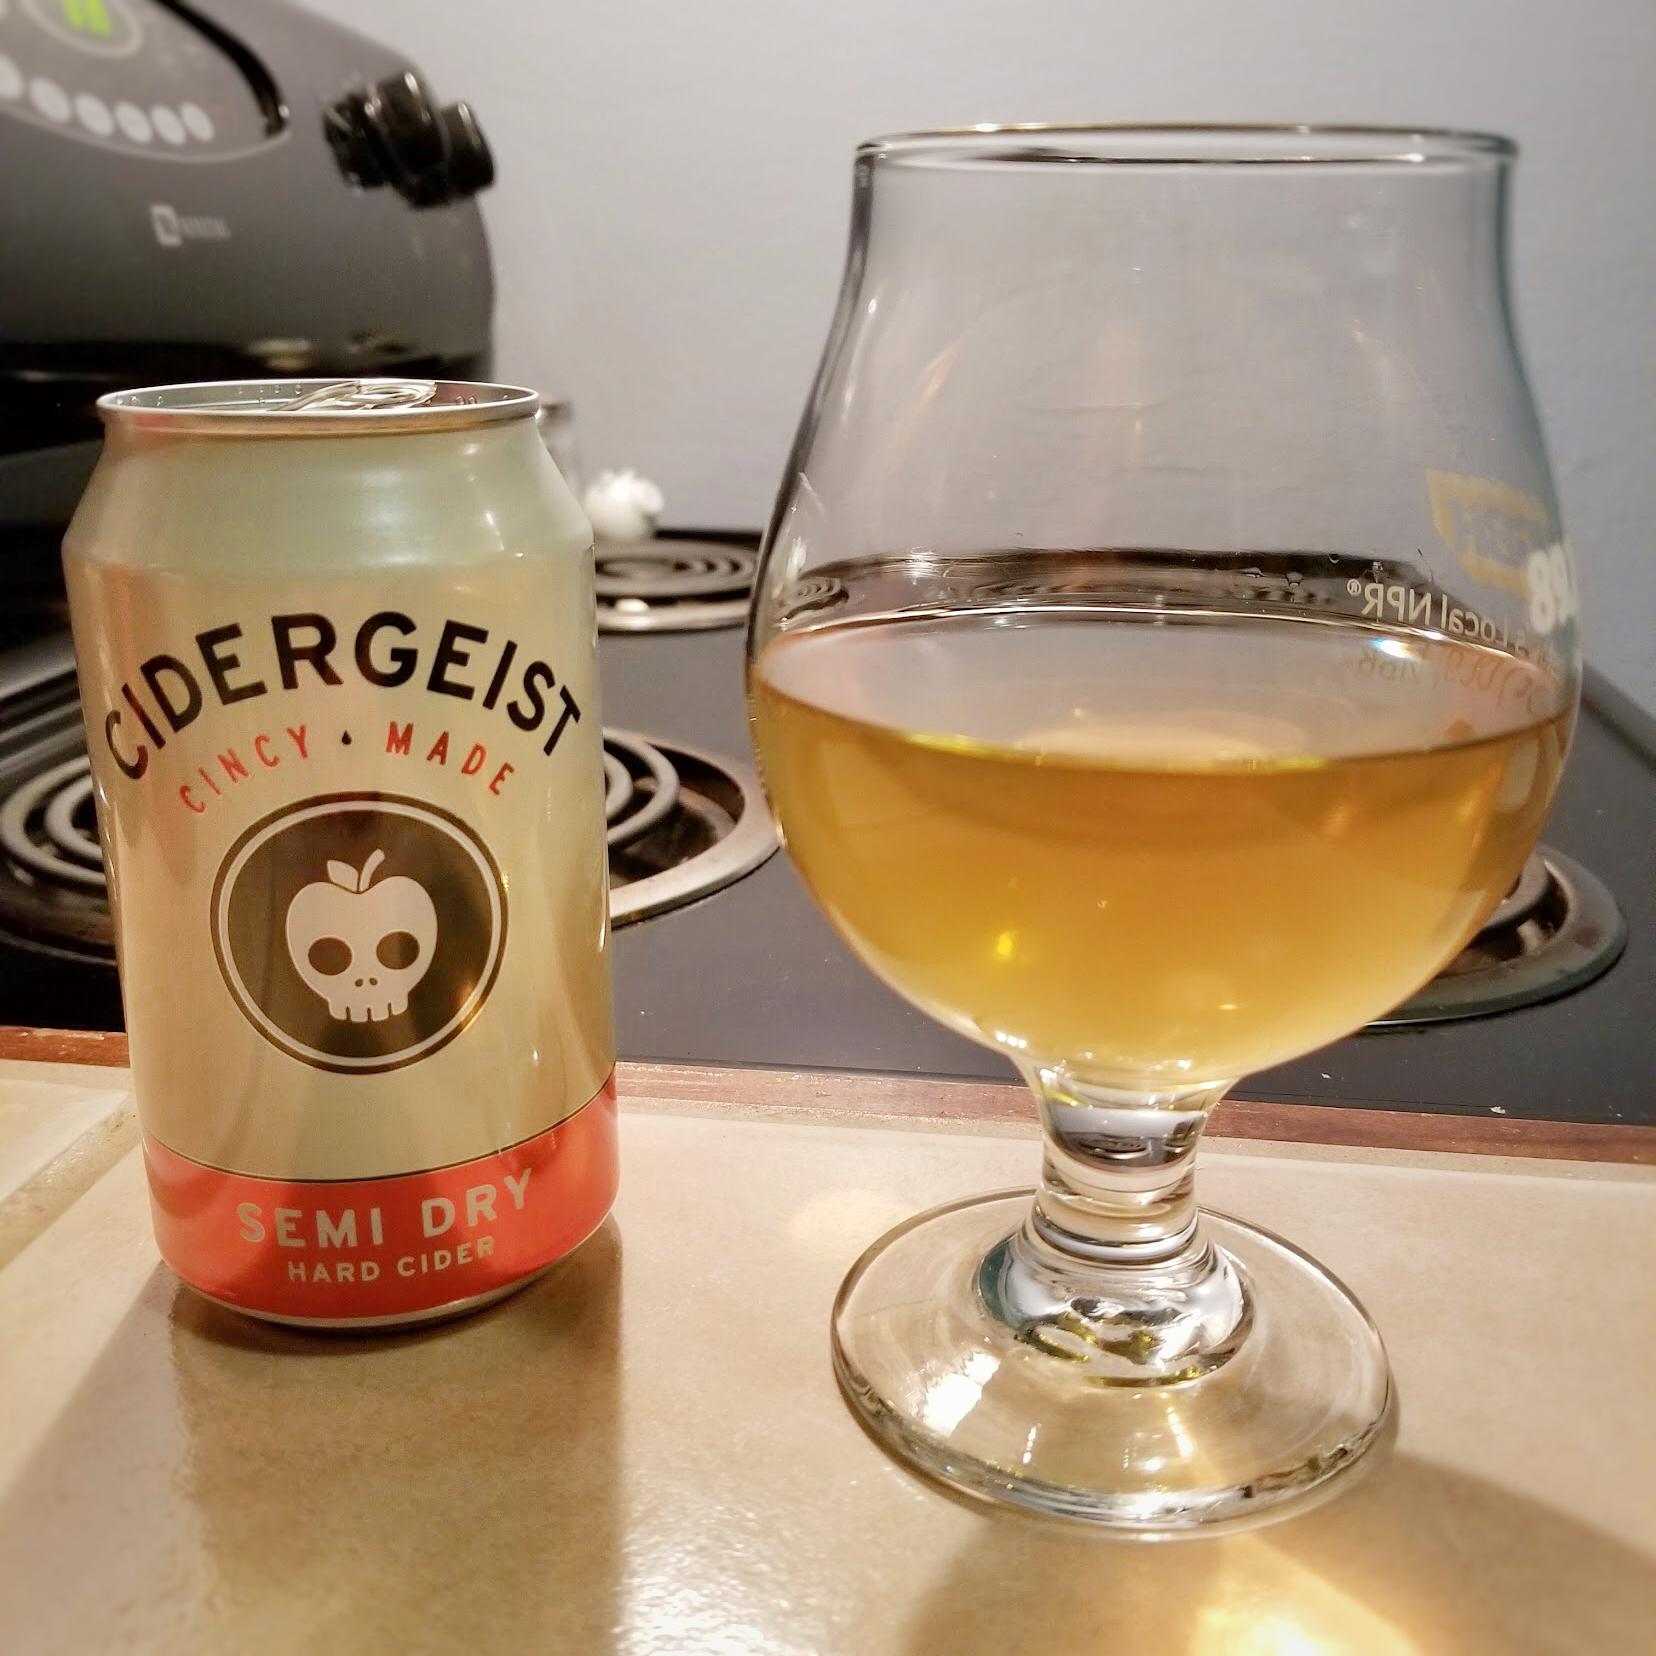 Rhinegeist - Cidergeist Semi Dry